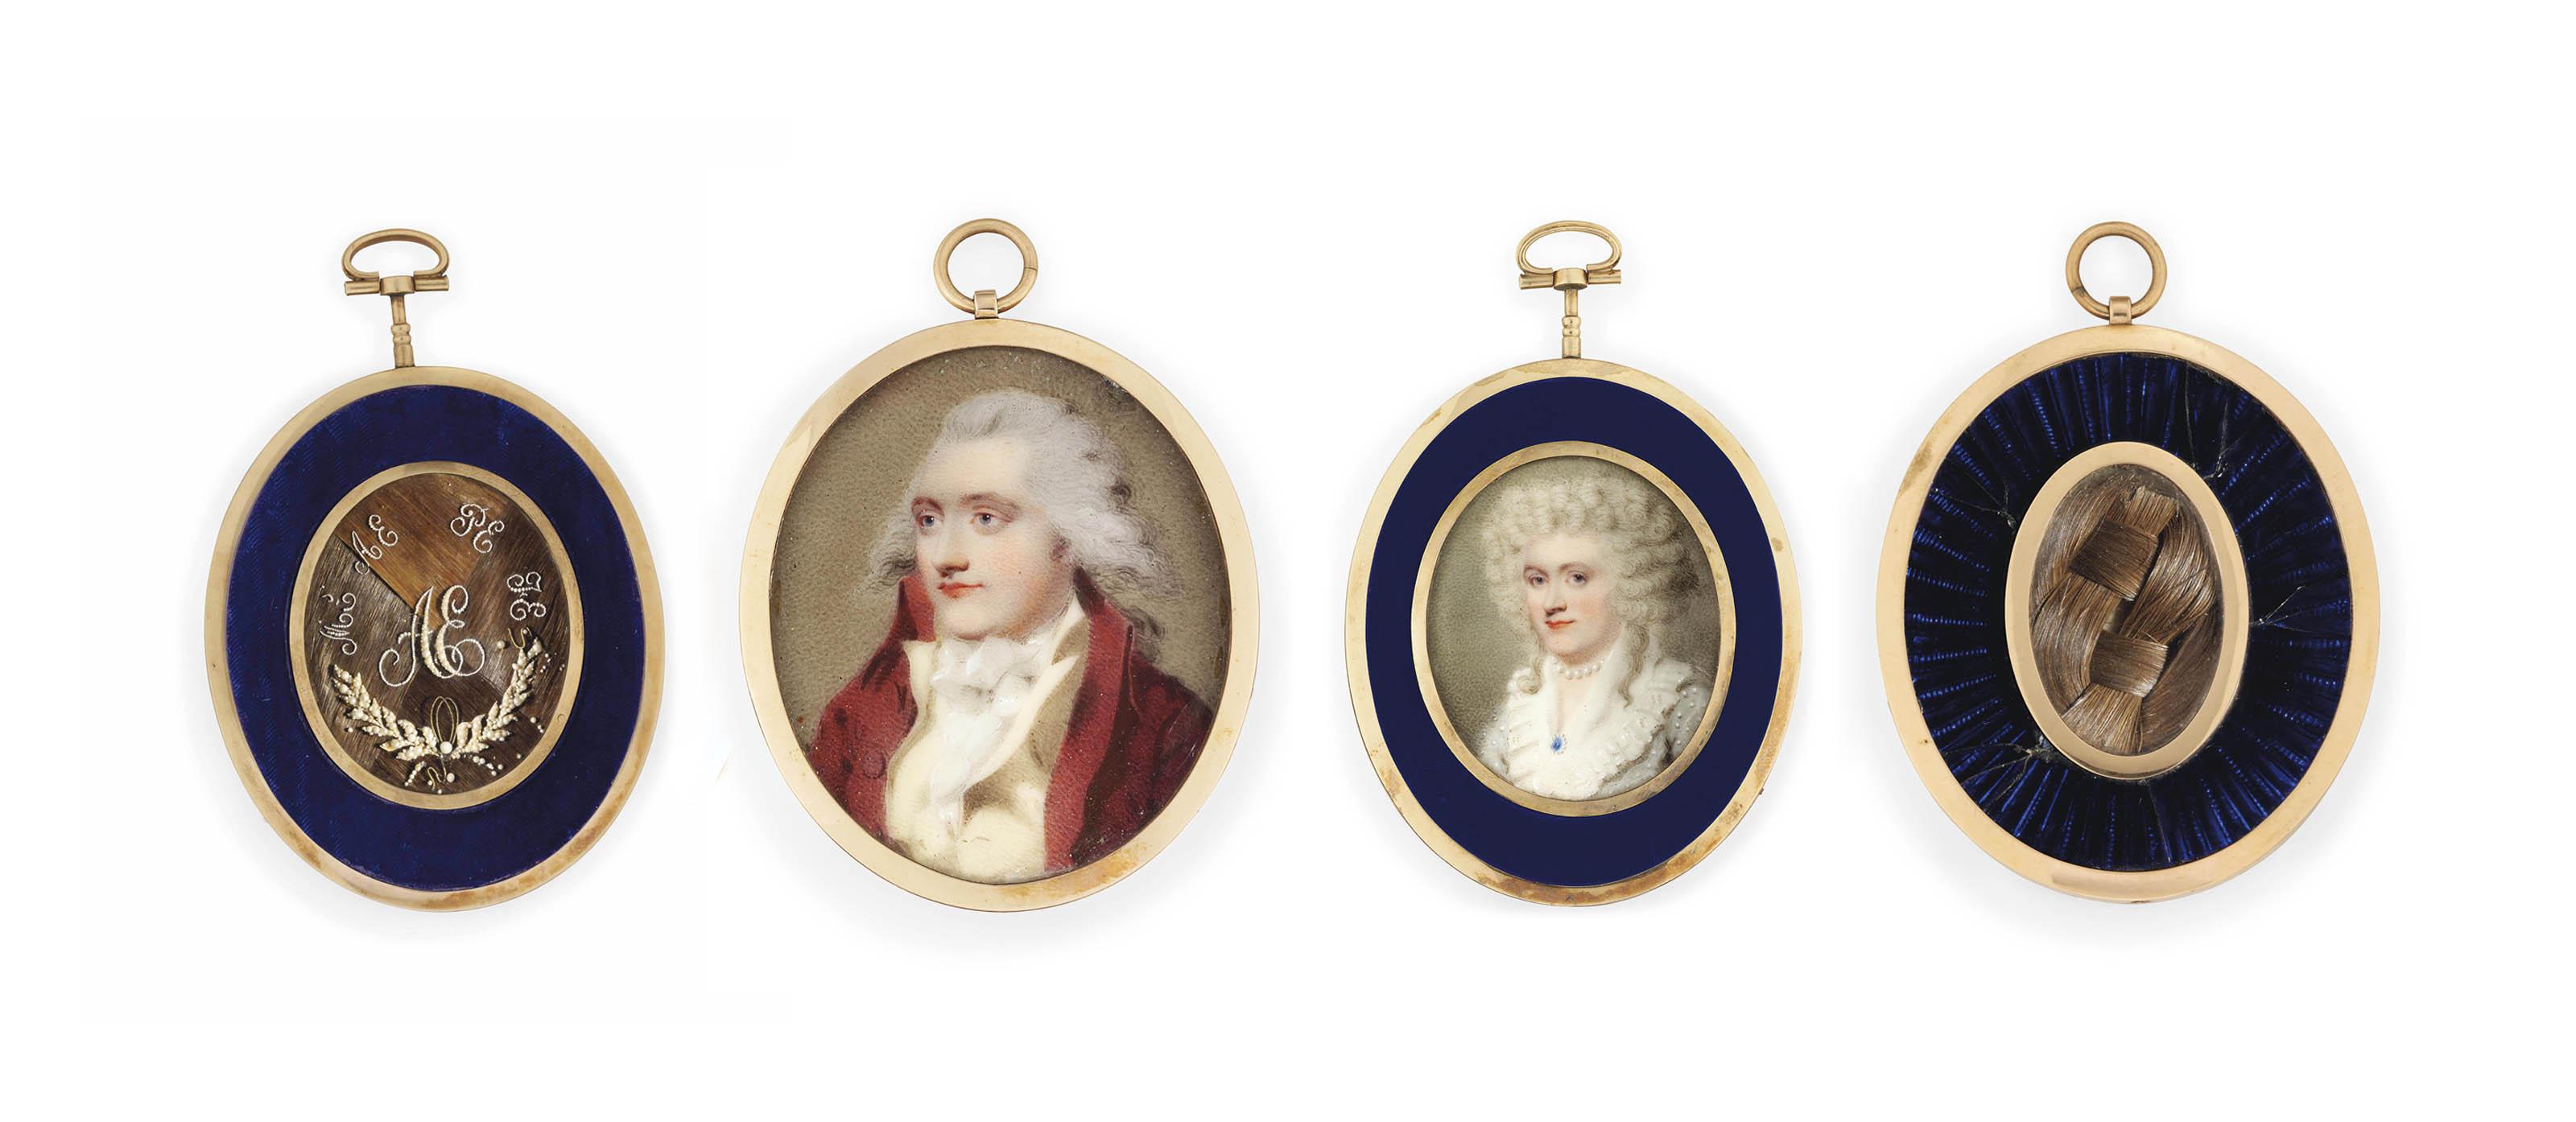 JOHANN HEINRICH HURTER (SWISS, 1734-1799)